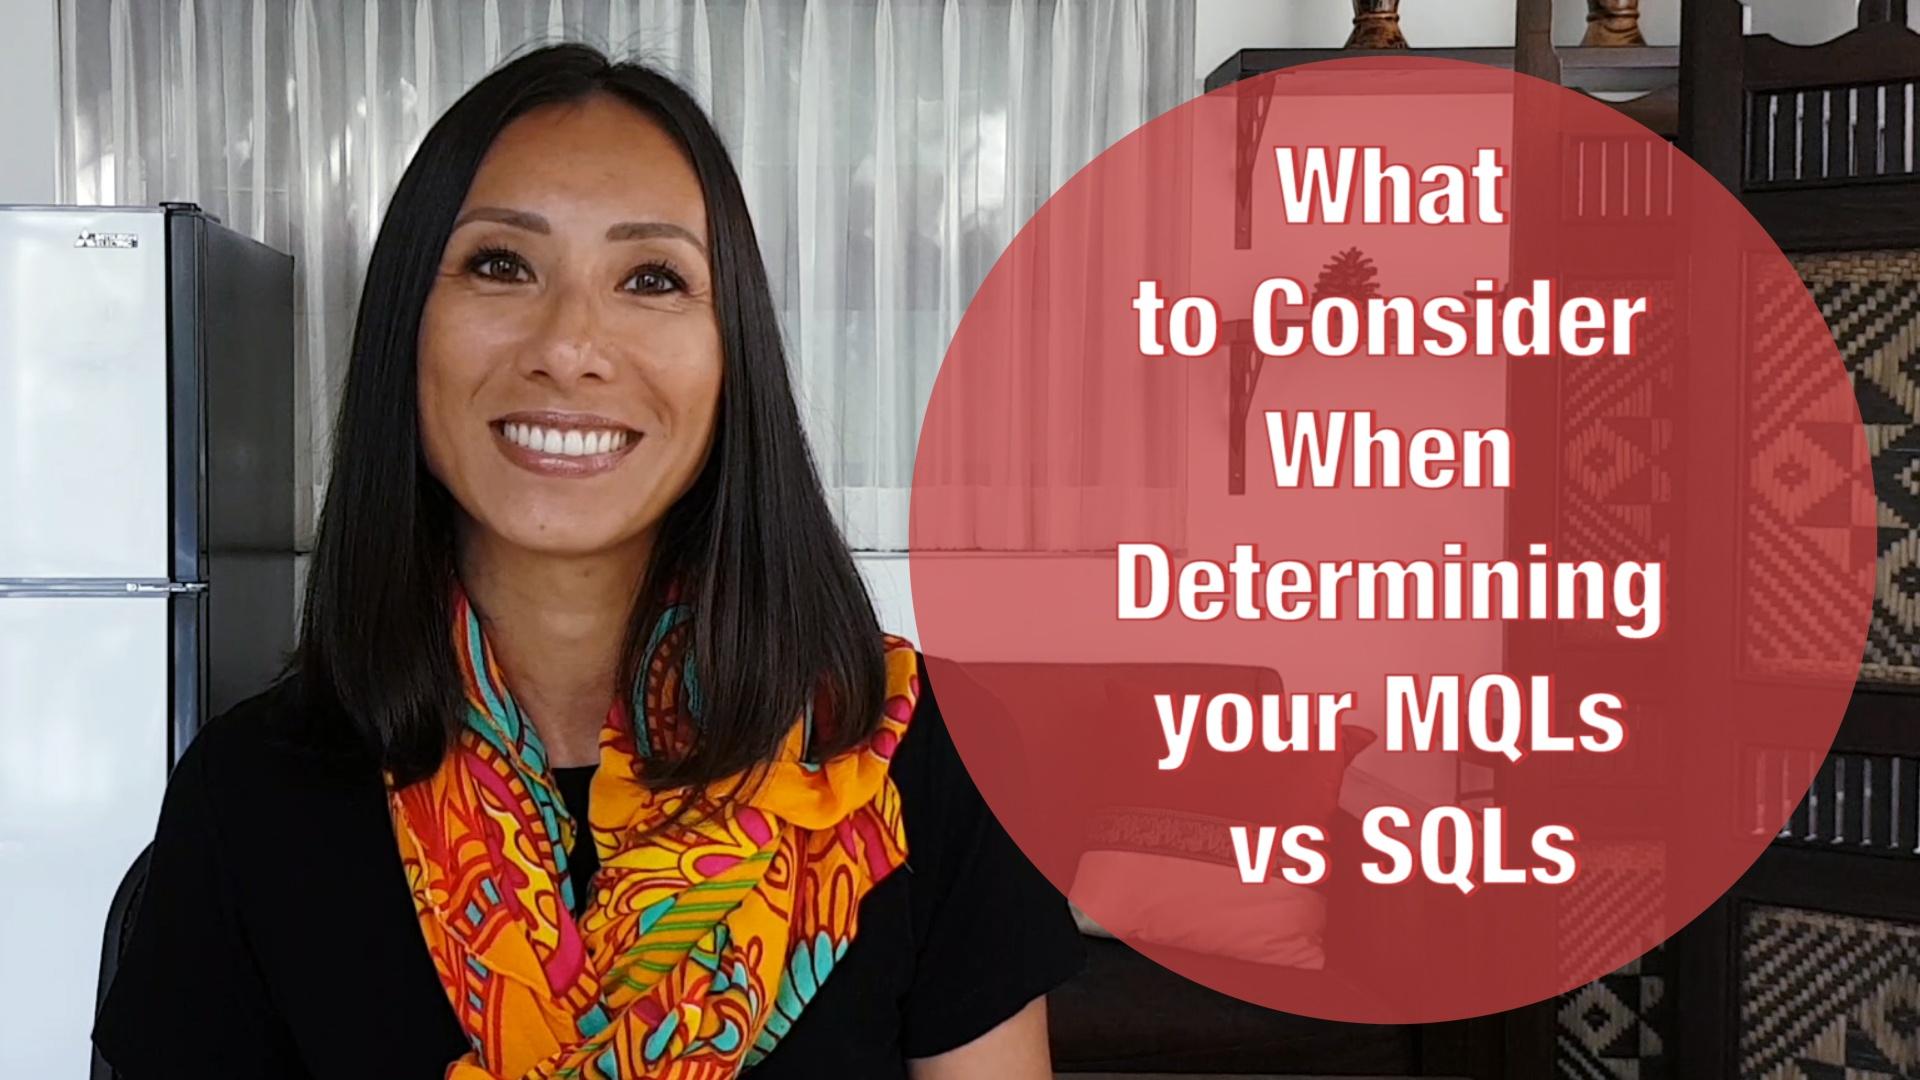 Digital Marketing Postcard - MQLs vs SQLs.jpg